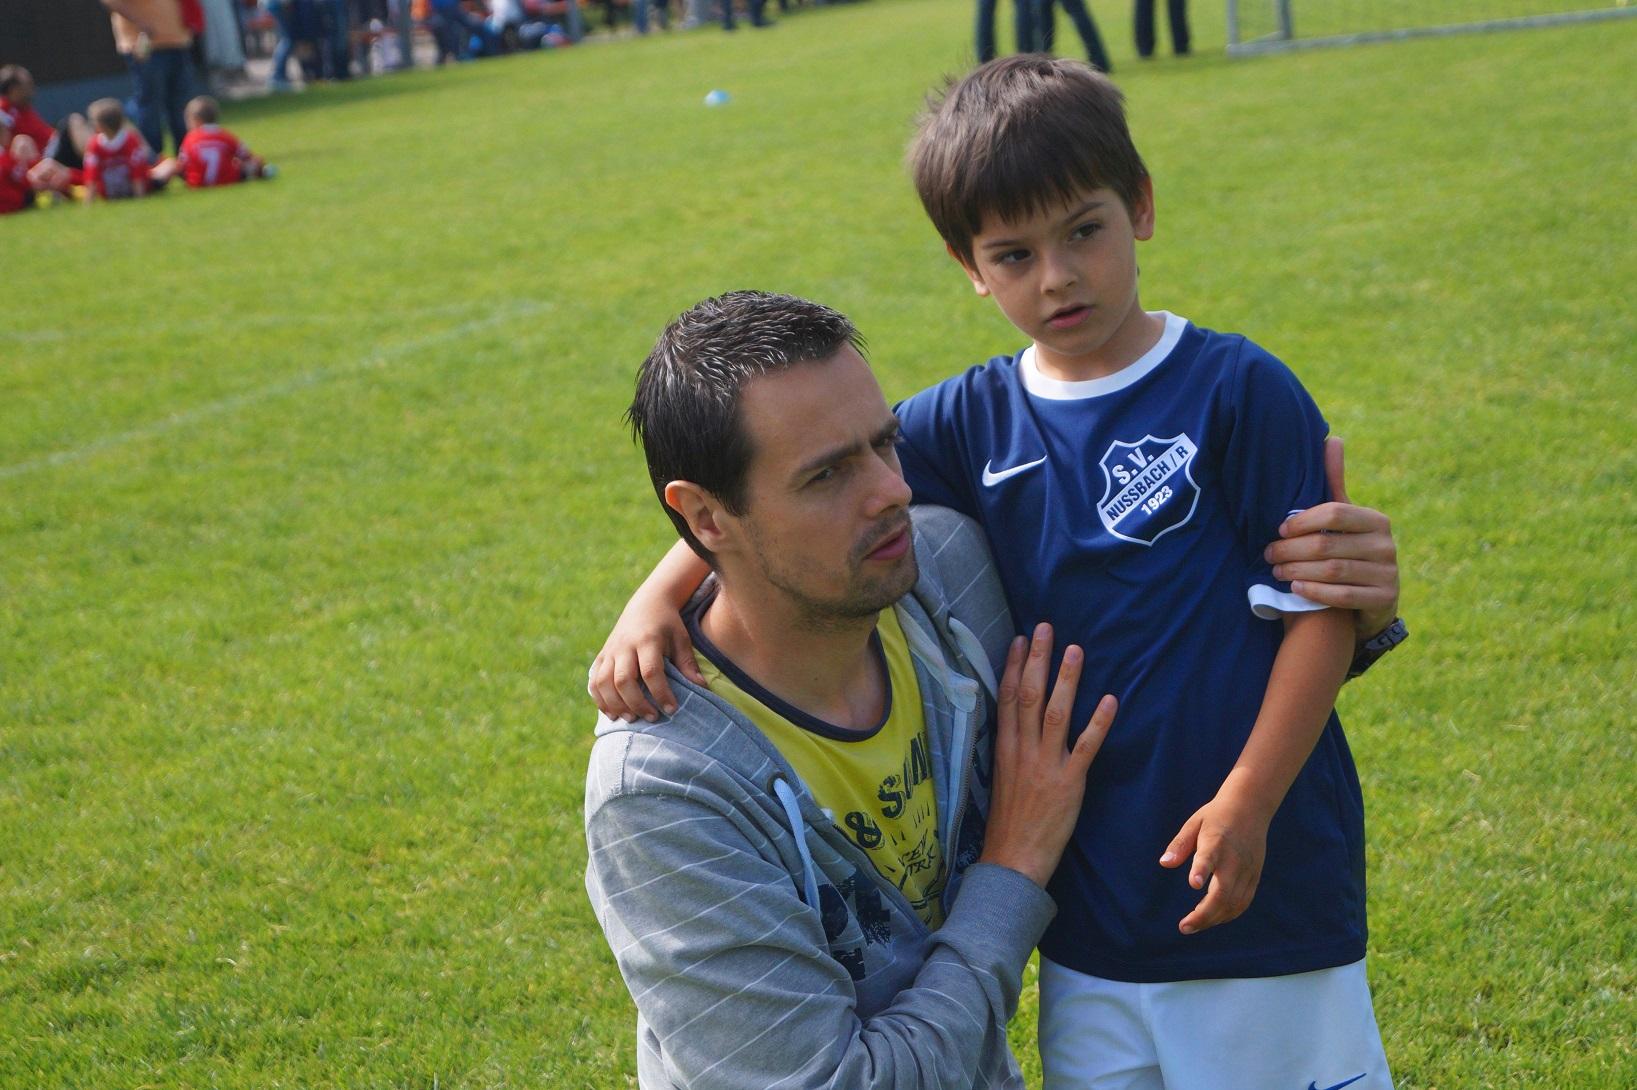 Pai com menino no campo de futebol. Imagem ilustrativa texto iniciar as crianças nos esportes.